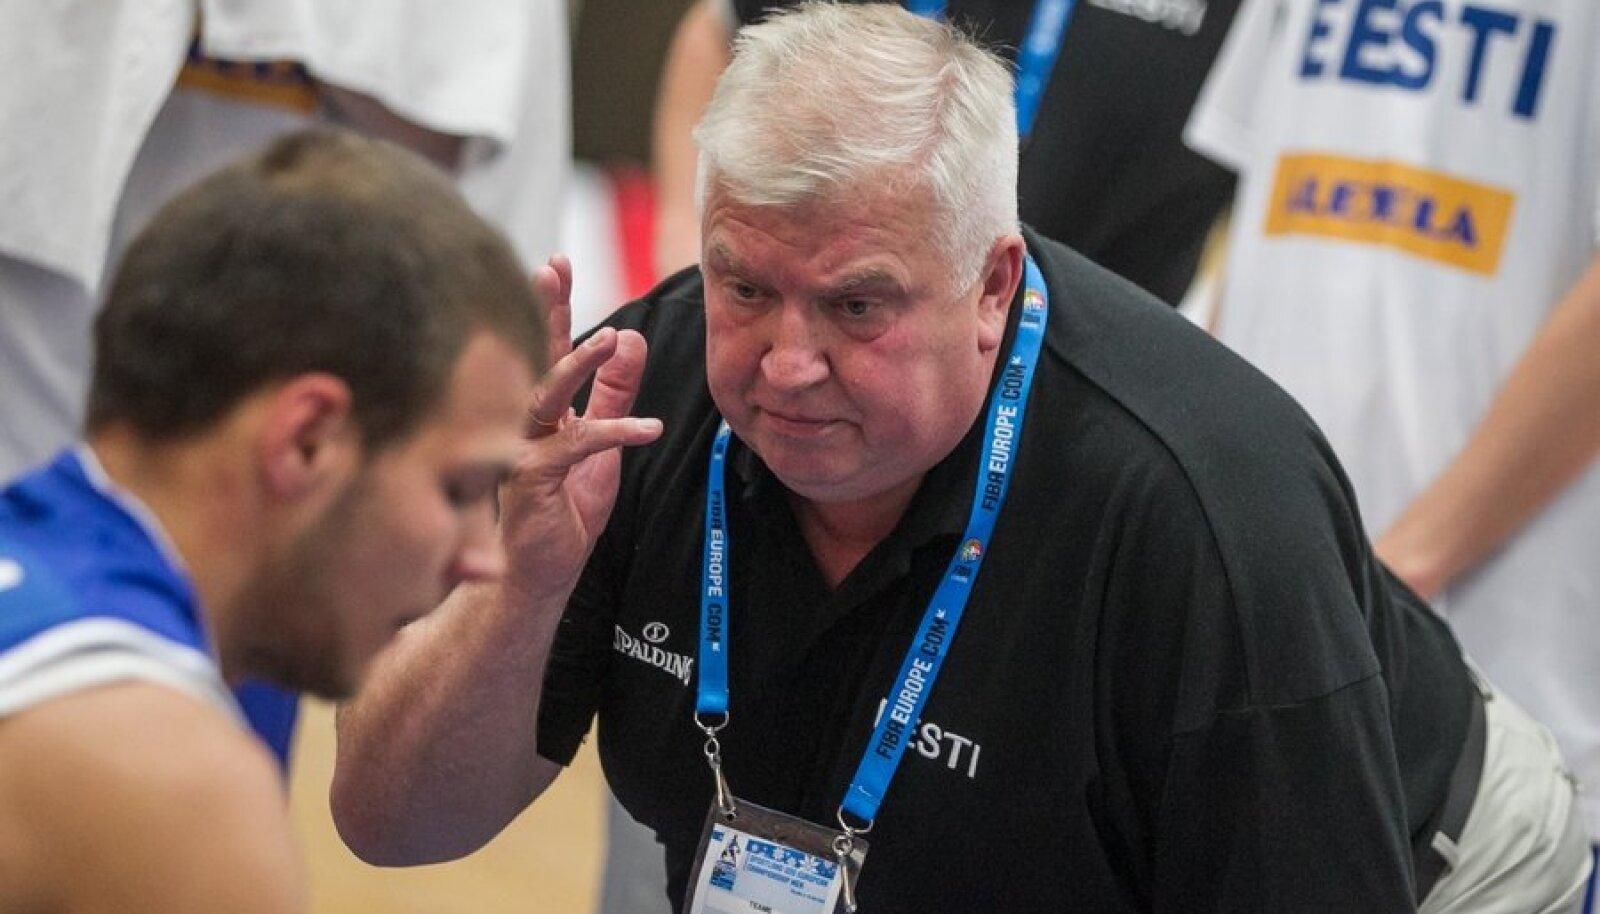 Andres Sõber rääkimas Eesti-Gruusia U-20 mängul Martin Paasojaga.